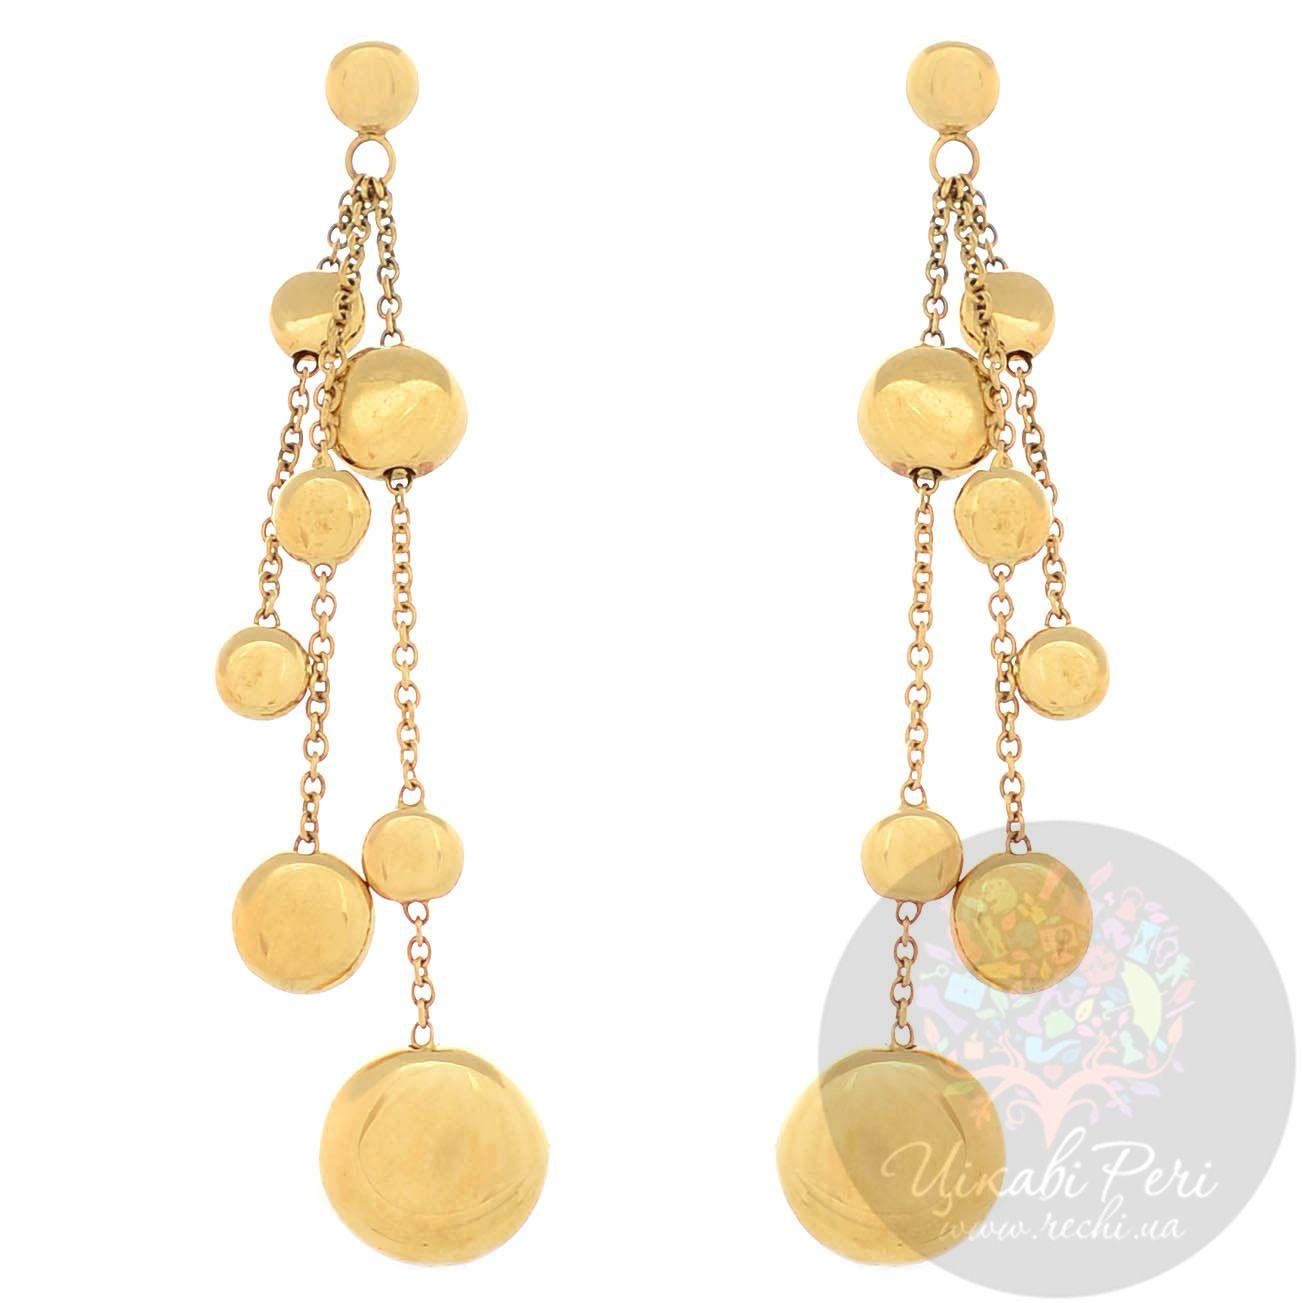 Серьги Roberto Bravo Q Collection из желтого золота длинные с золотыми шарами на цепочках